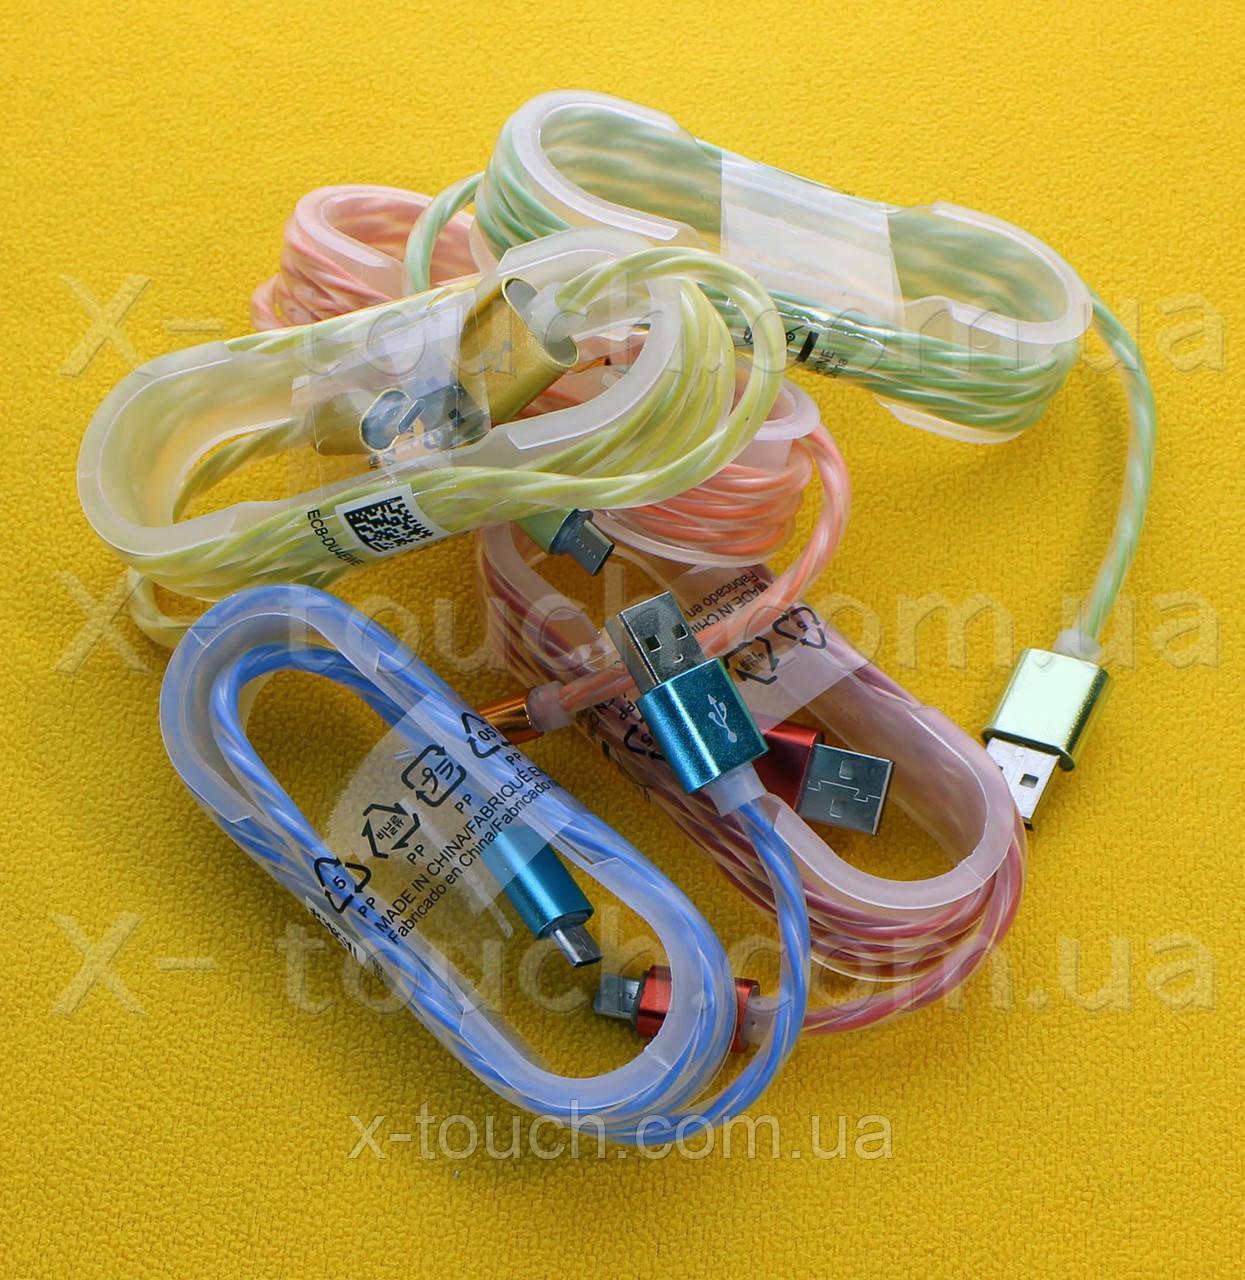 USB - Micro USB кабель в силиконовой оболочке 1 м, Шнур micro usb 2.0 для Prestigio (цвет салатовый)